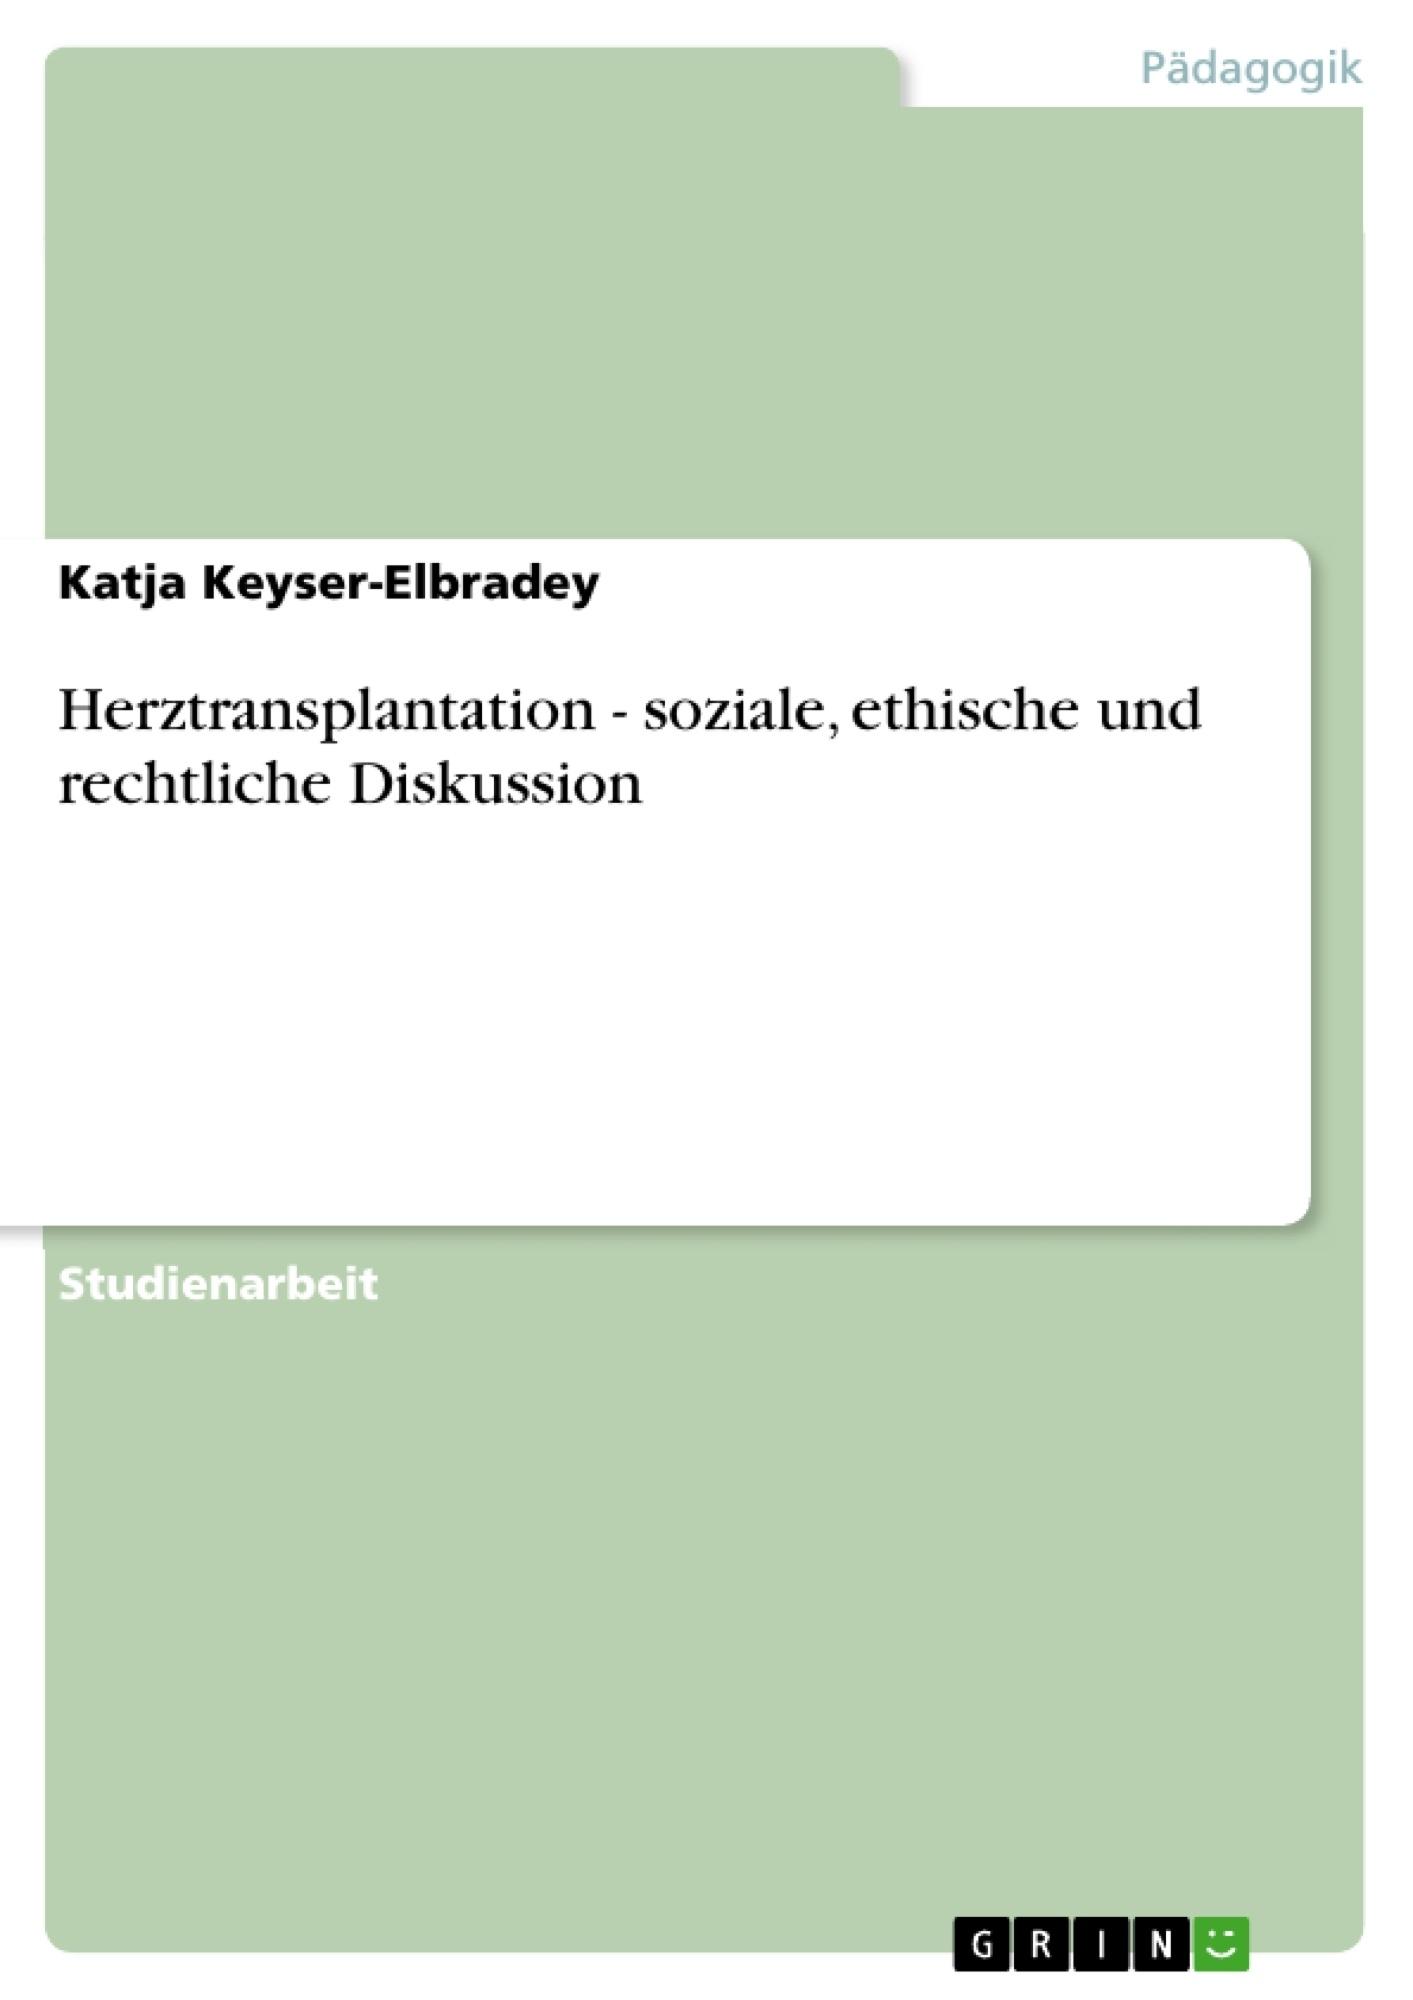 Titel: Herztransplantation - soziale, ethische und rechtliche Diskussion